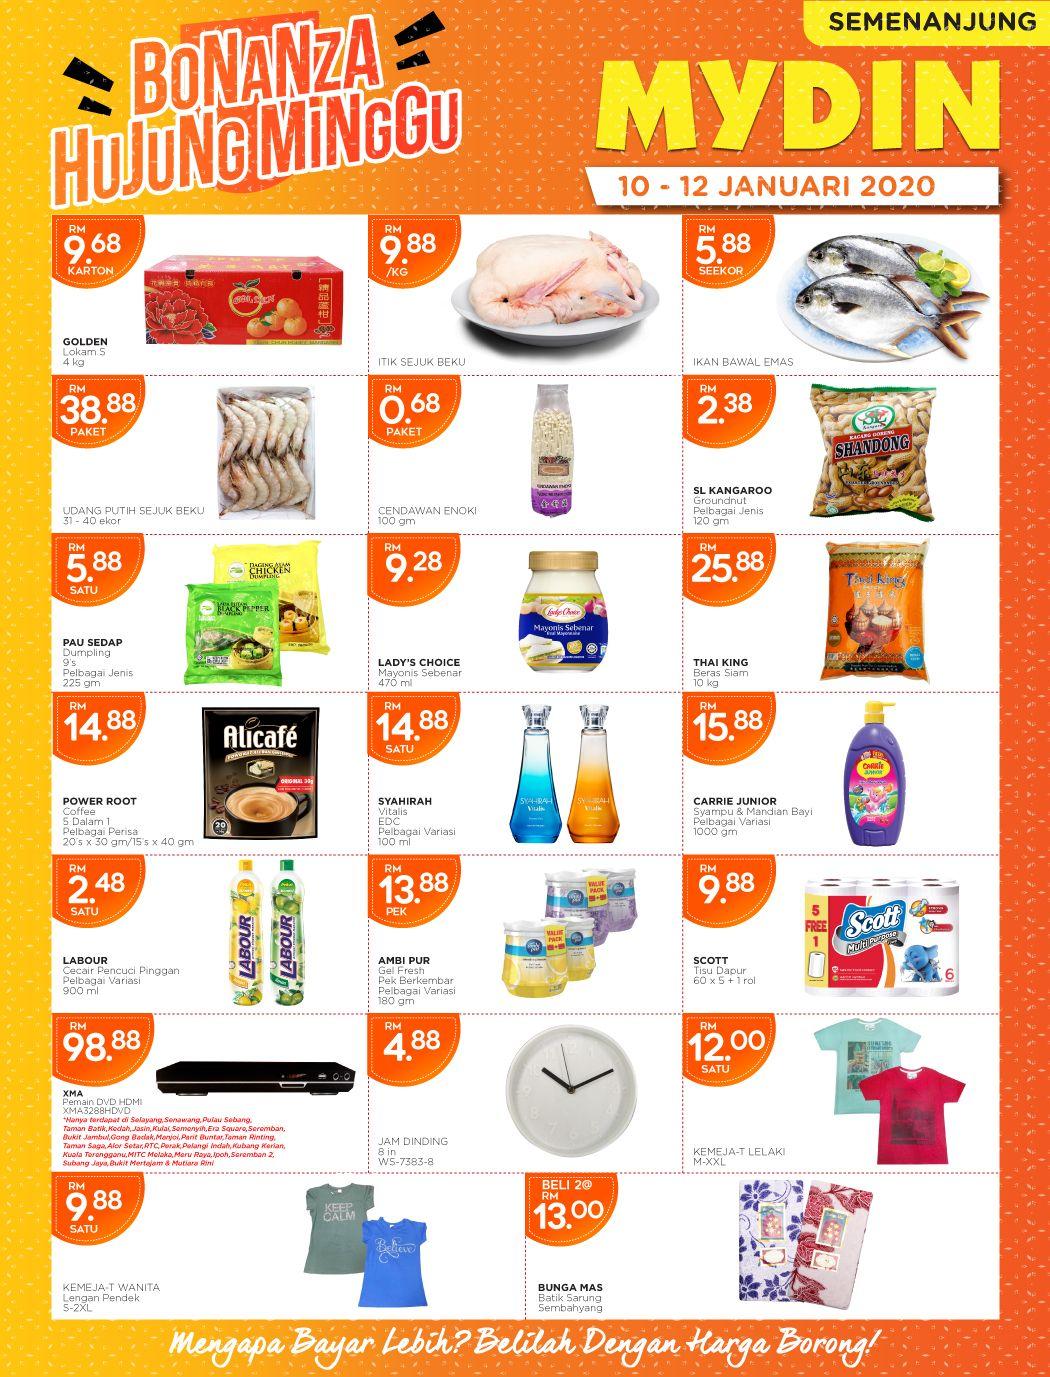 Mydin Weekend Promotion 10 Jan 2020 12 Jan 2020 In 2020 Promotion 10 Things Sale Banner